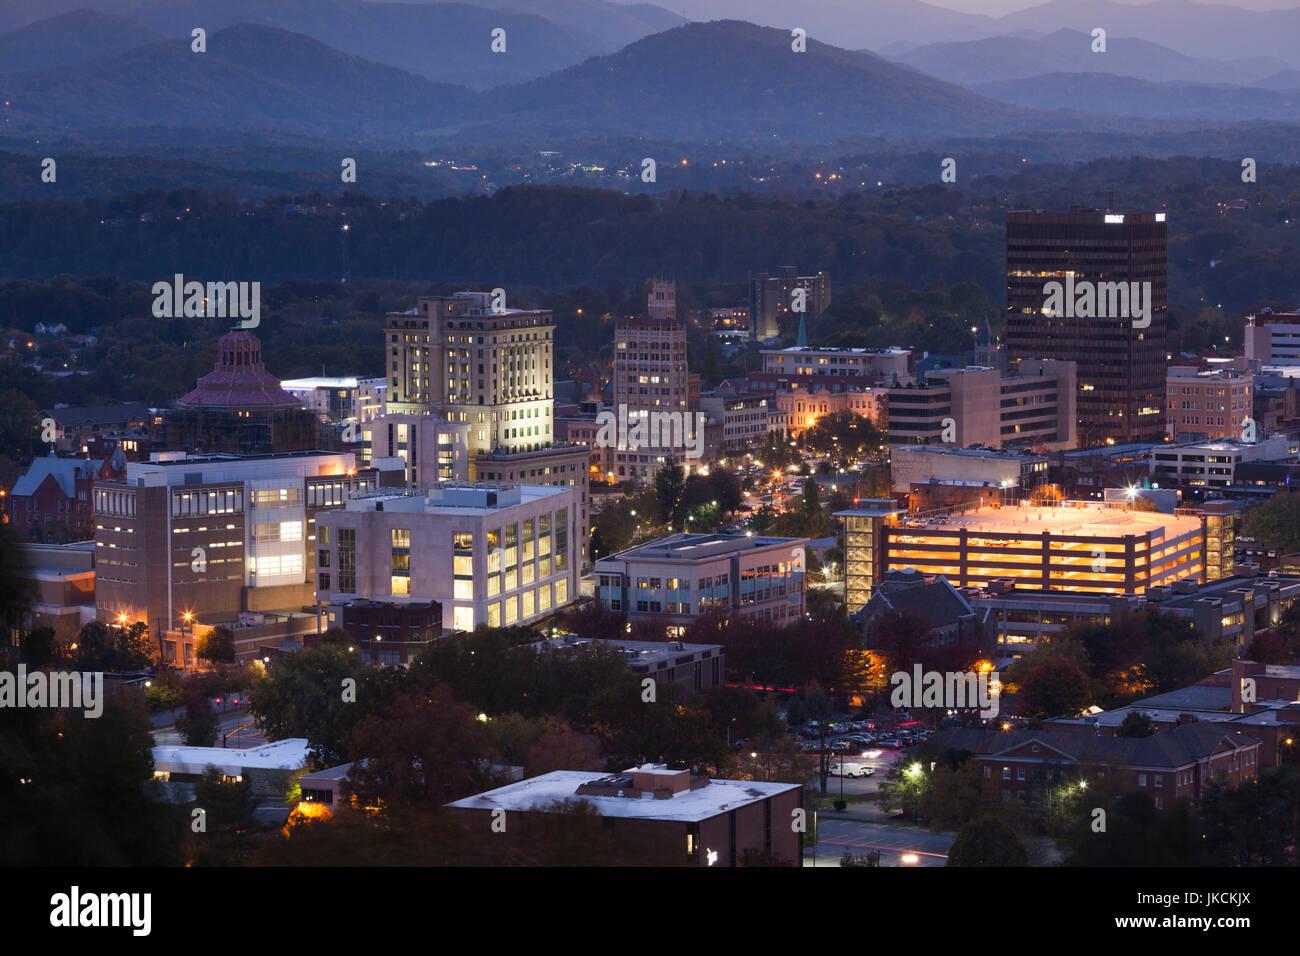 USA, North Carolina, Asheville, elevated city skyline, evening - Stock Image